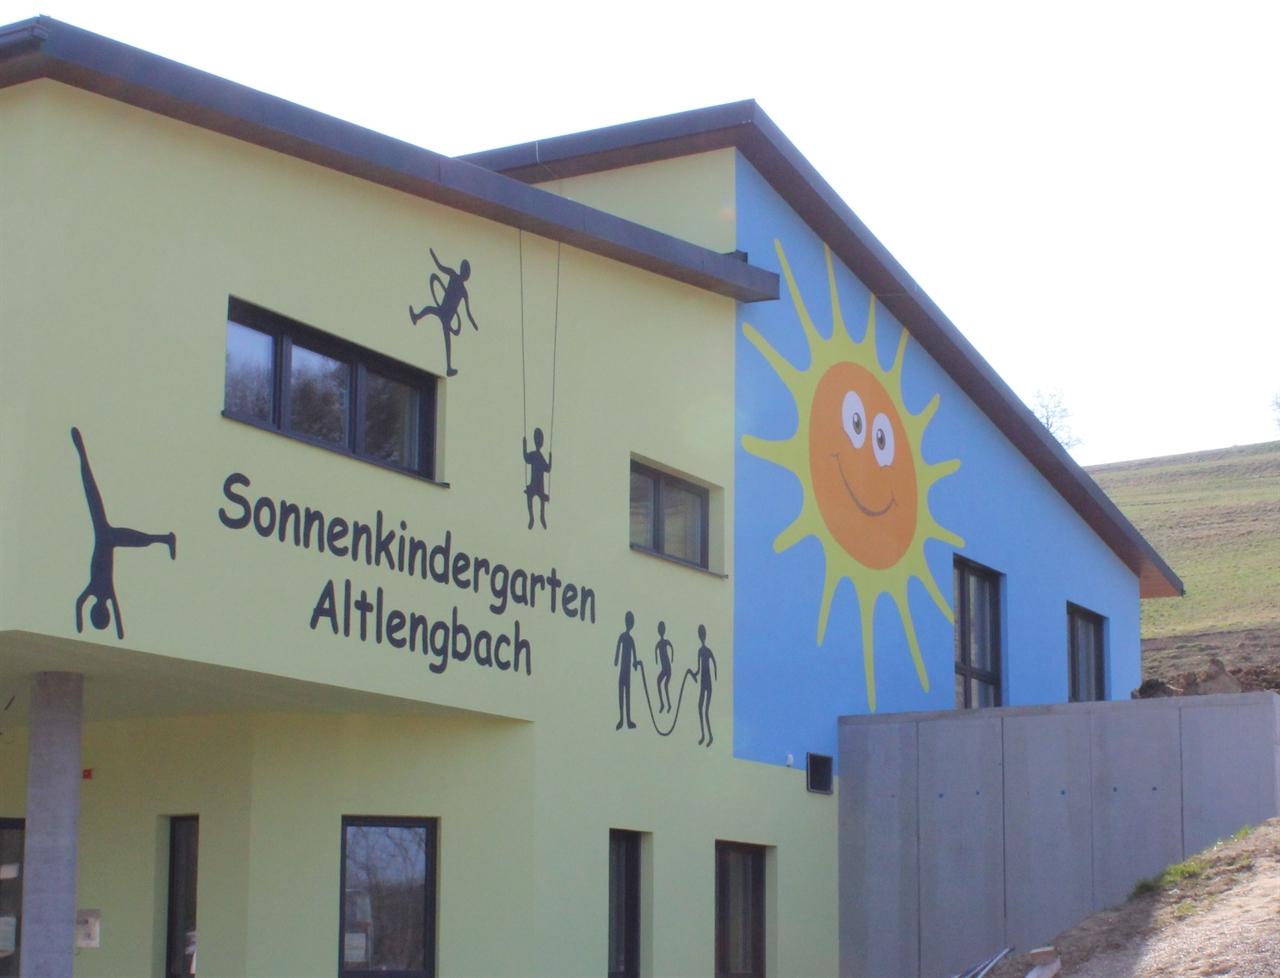 Online Chat & Dating Altlengbach | Lerne Mnner & Frauen in